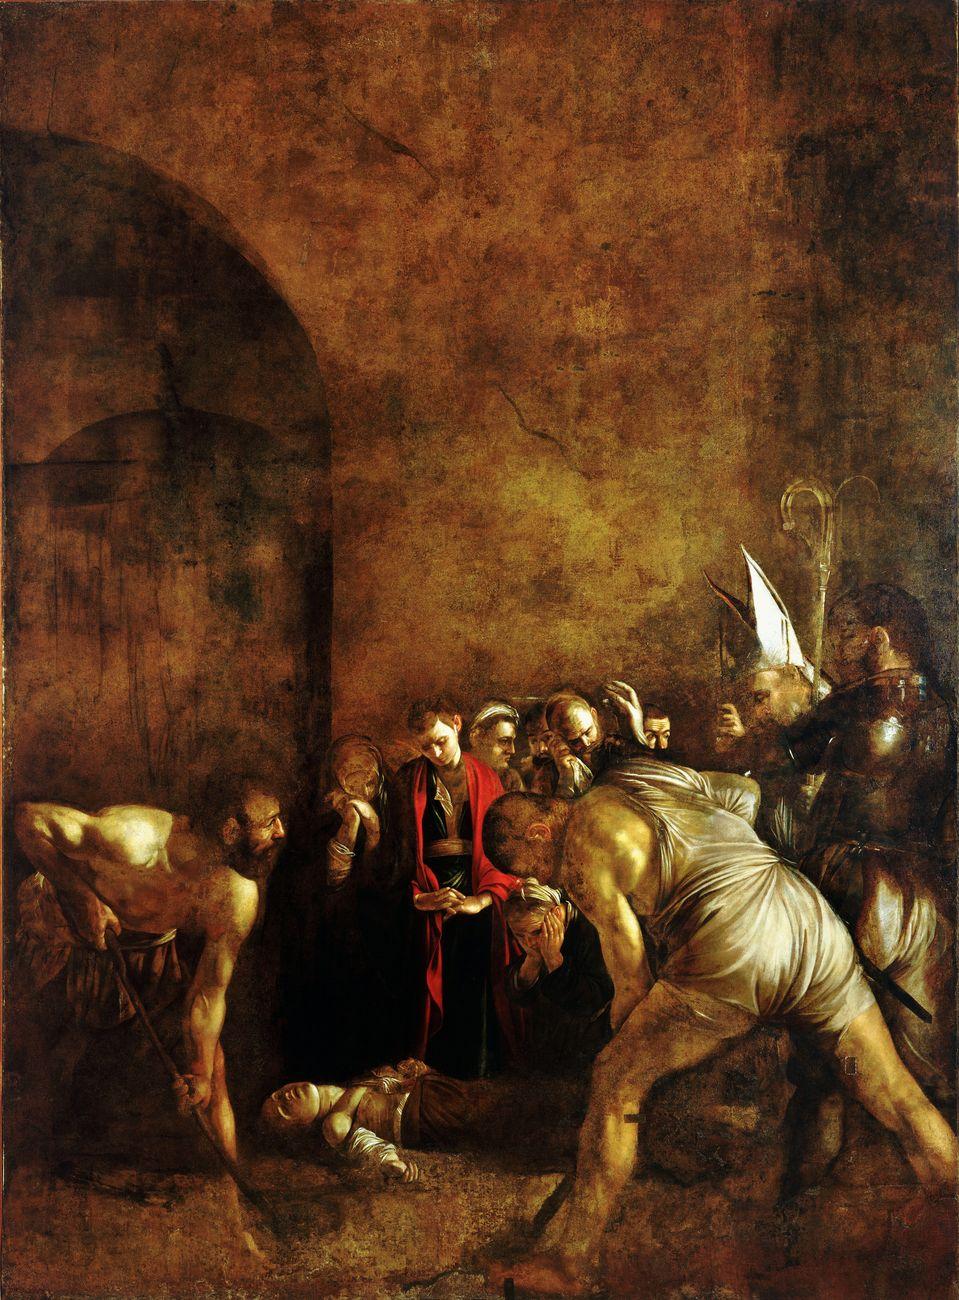 Caravaggio, Seppellimento di Santa Lucia, 1608, olio su tela, cm 408x300. Chiesa di Santa Lucia alla Badia, Siracusa